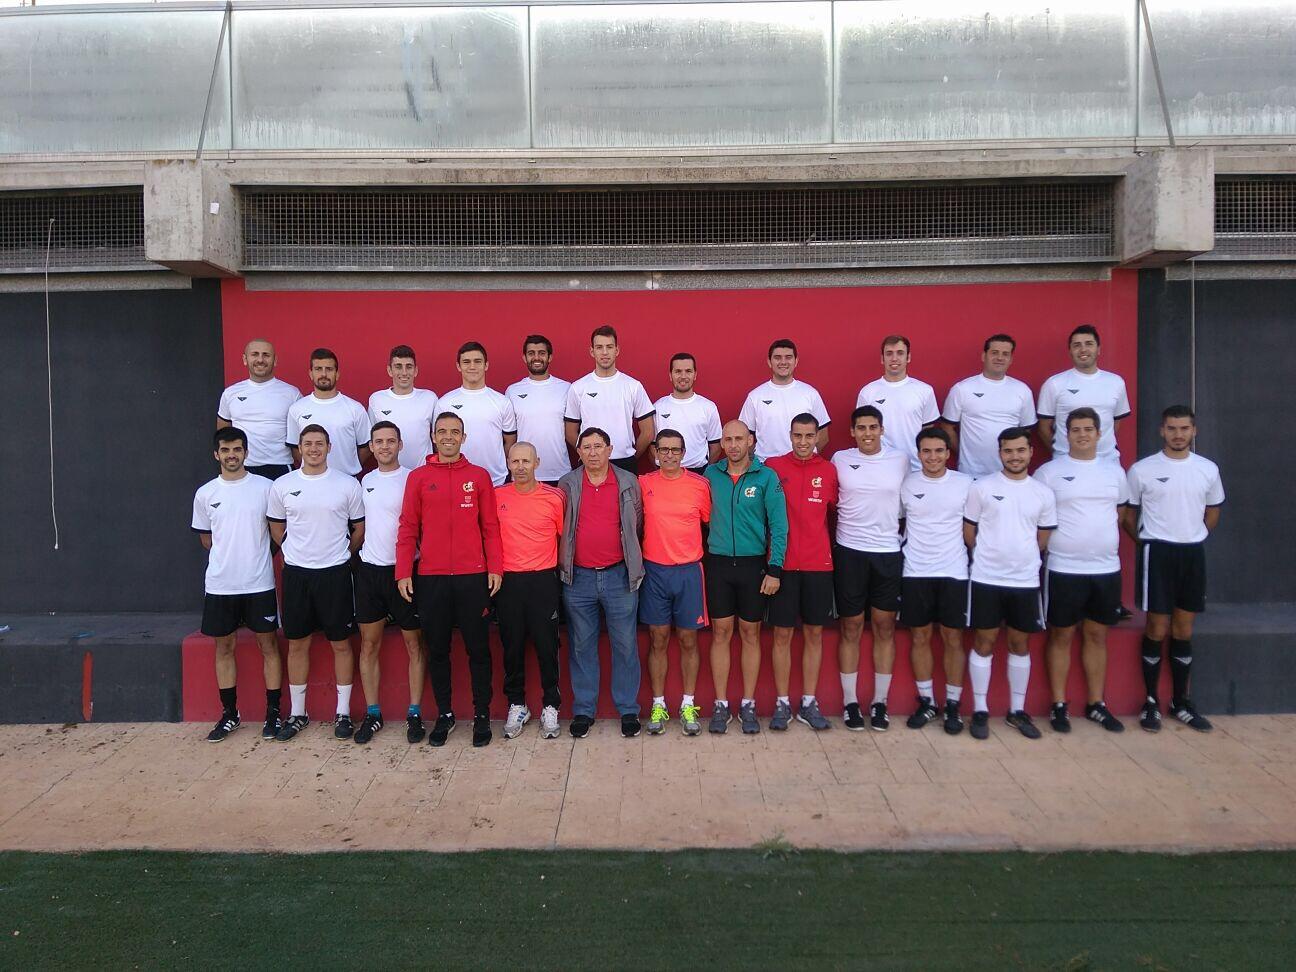 Charla a cargo de Santiago Varón y Guillermo Cuadra – árbitros de Segunda División